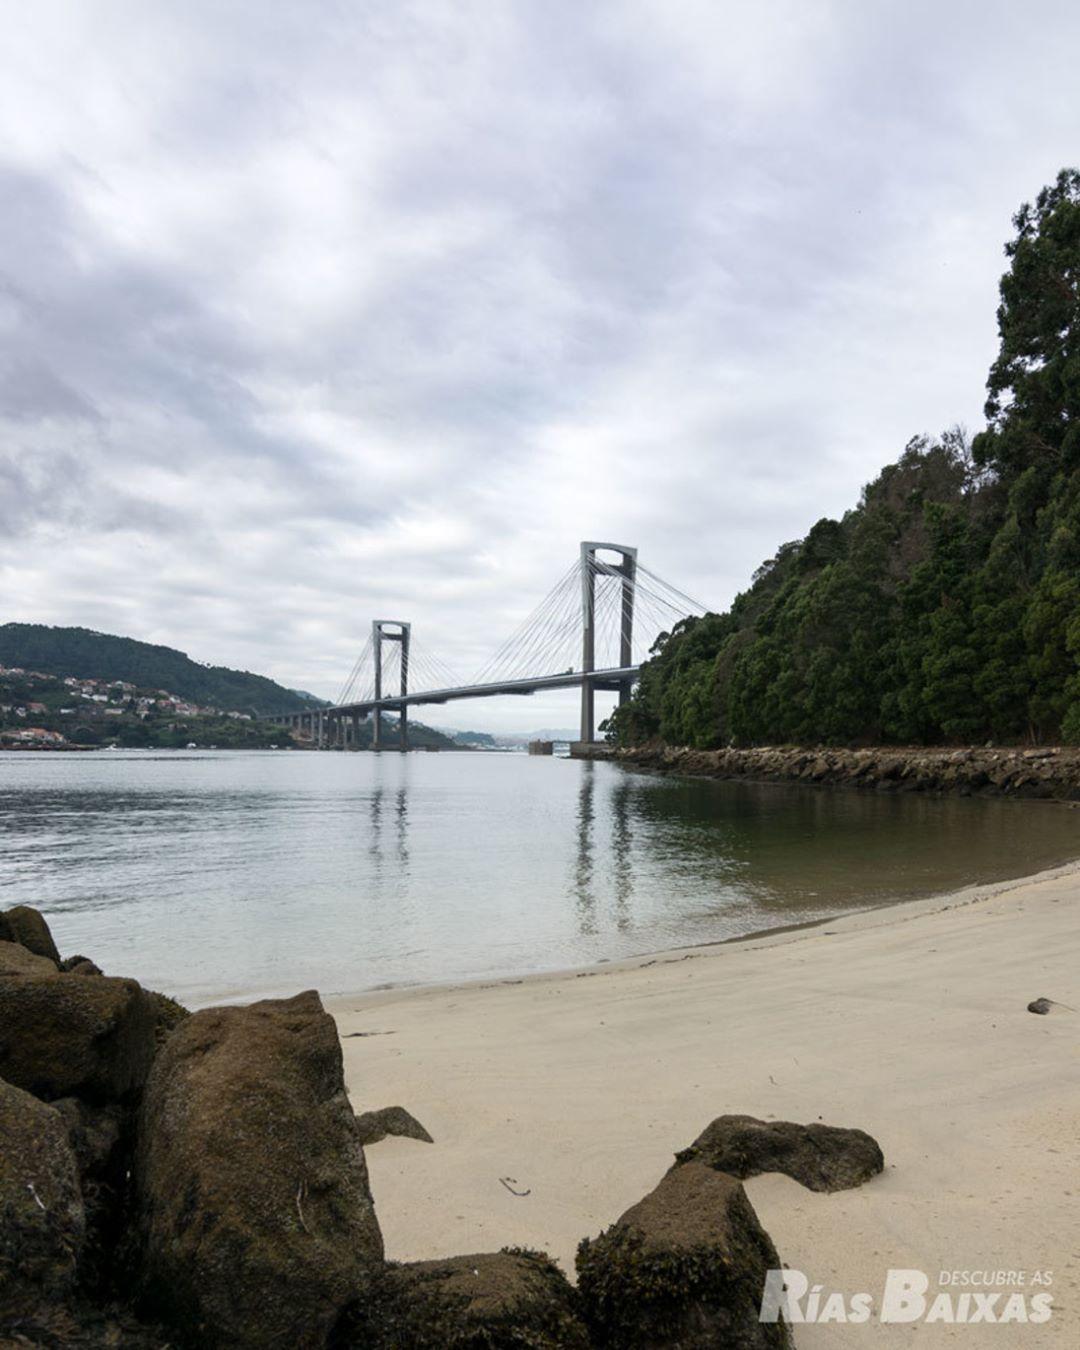 Descubre As Rias Baixas On Instagram El Puente De Rande Visto